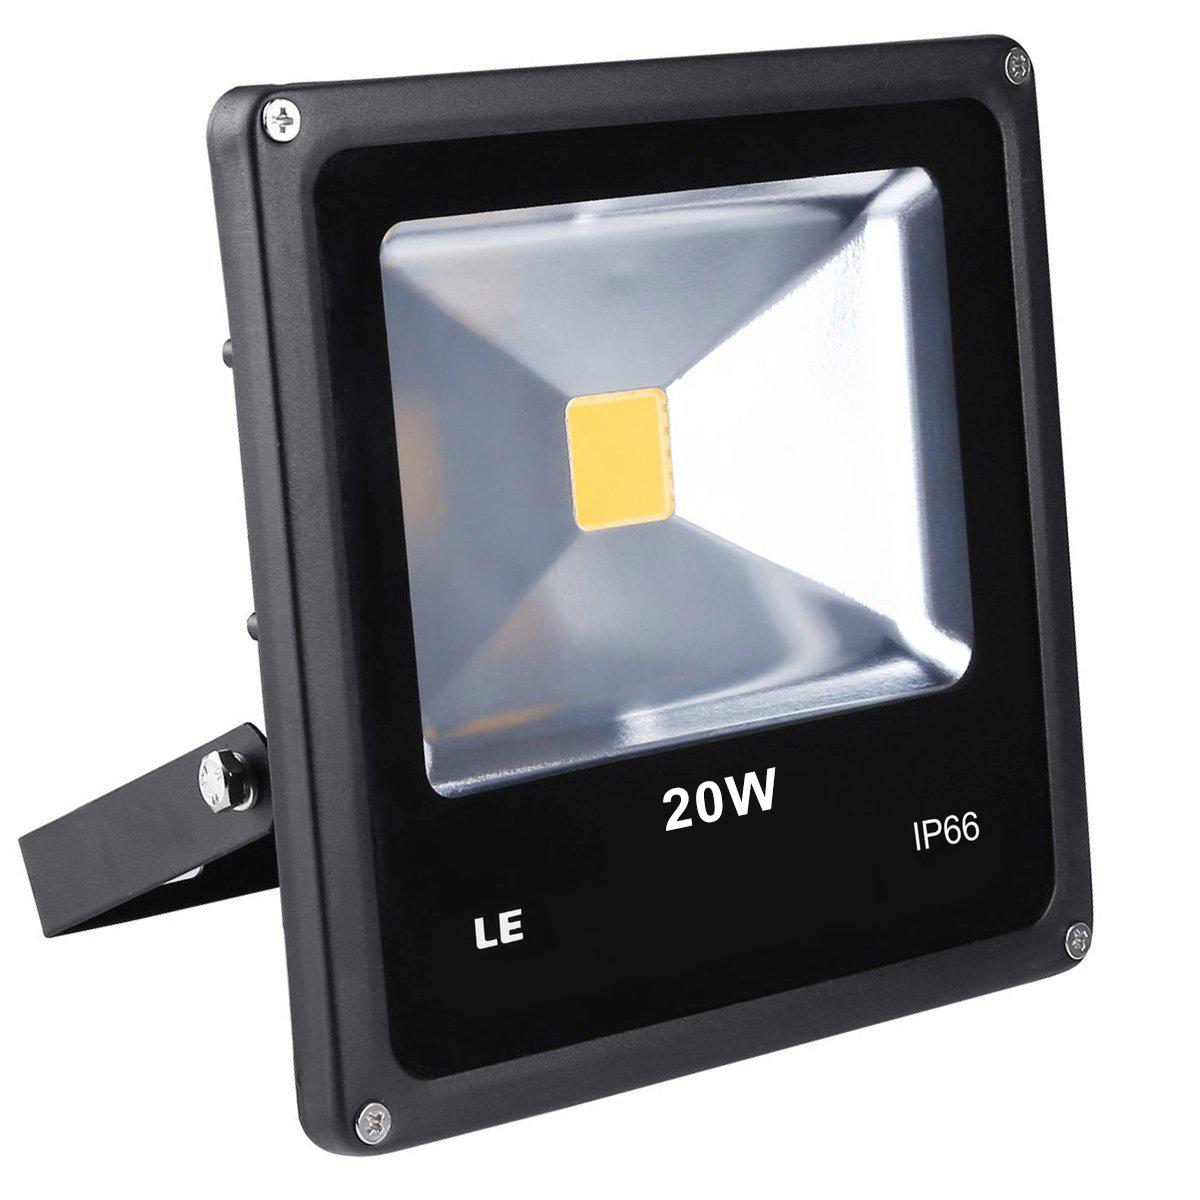 LED Strahler 20W, 1500lm, ersetzt 200W Halogenlampe, Kaltweiß, Wasserdicht IP66, Außenleuchten, Signallampe